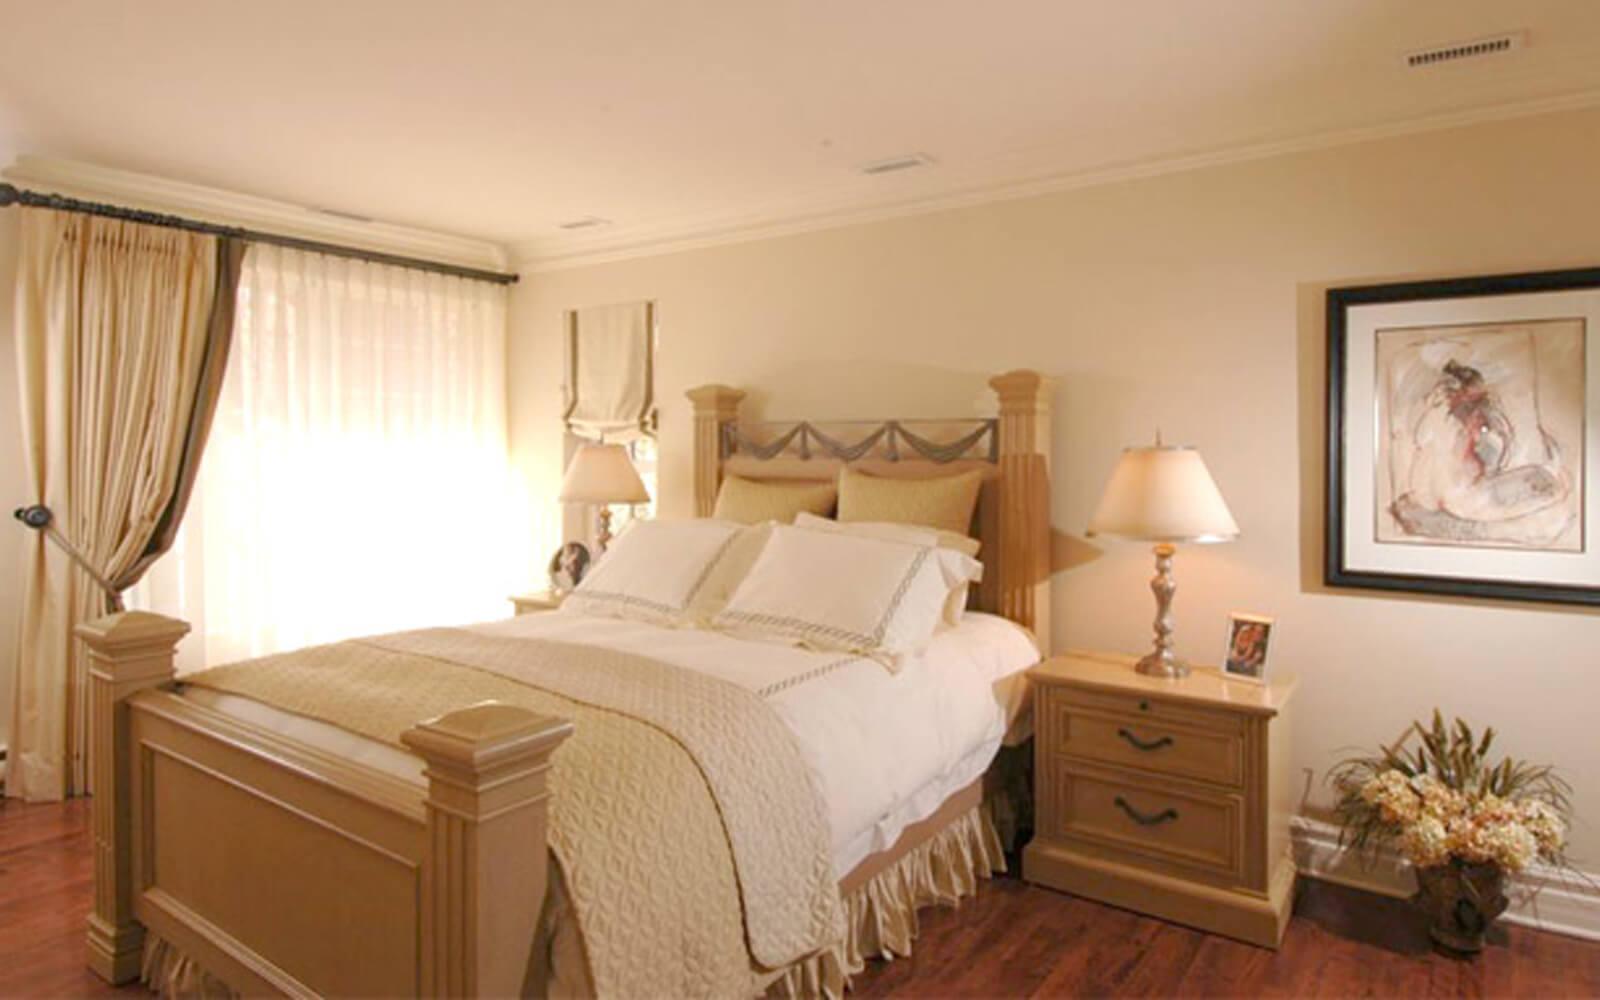 décoration d'intérieur chambre beige